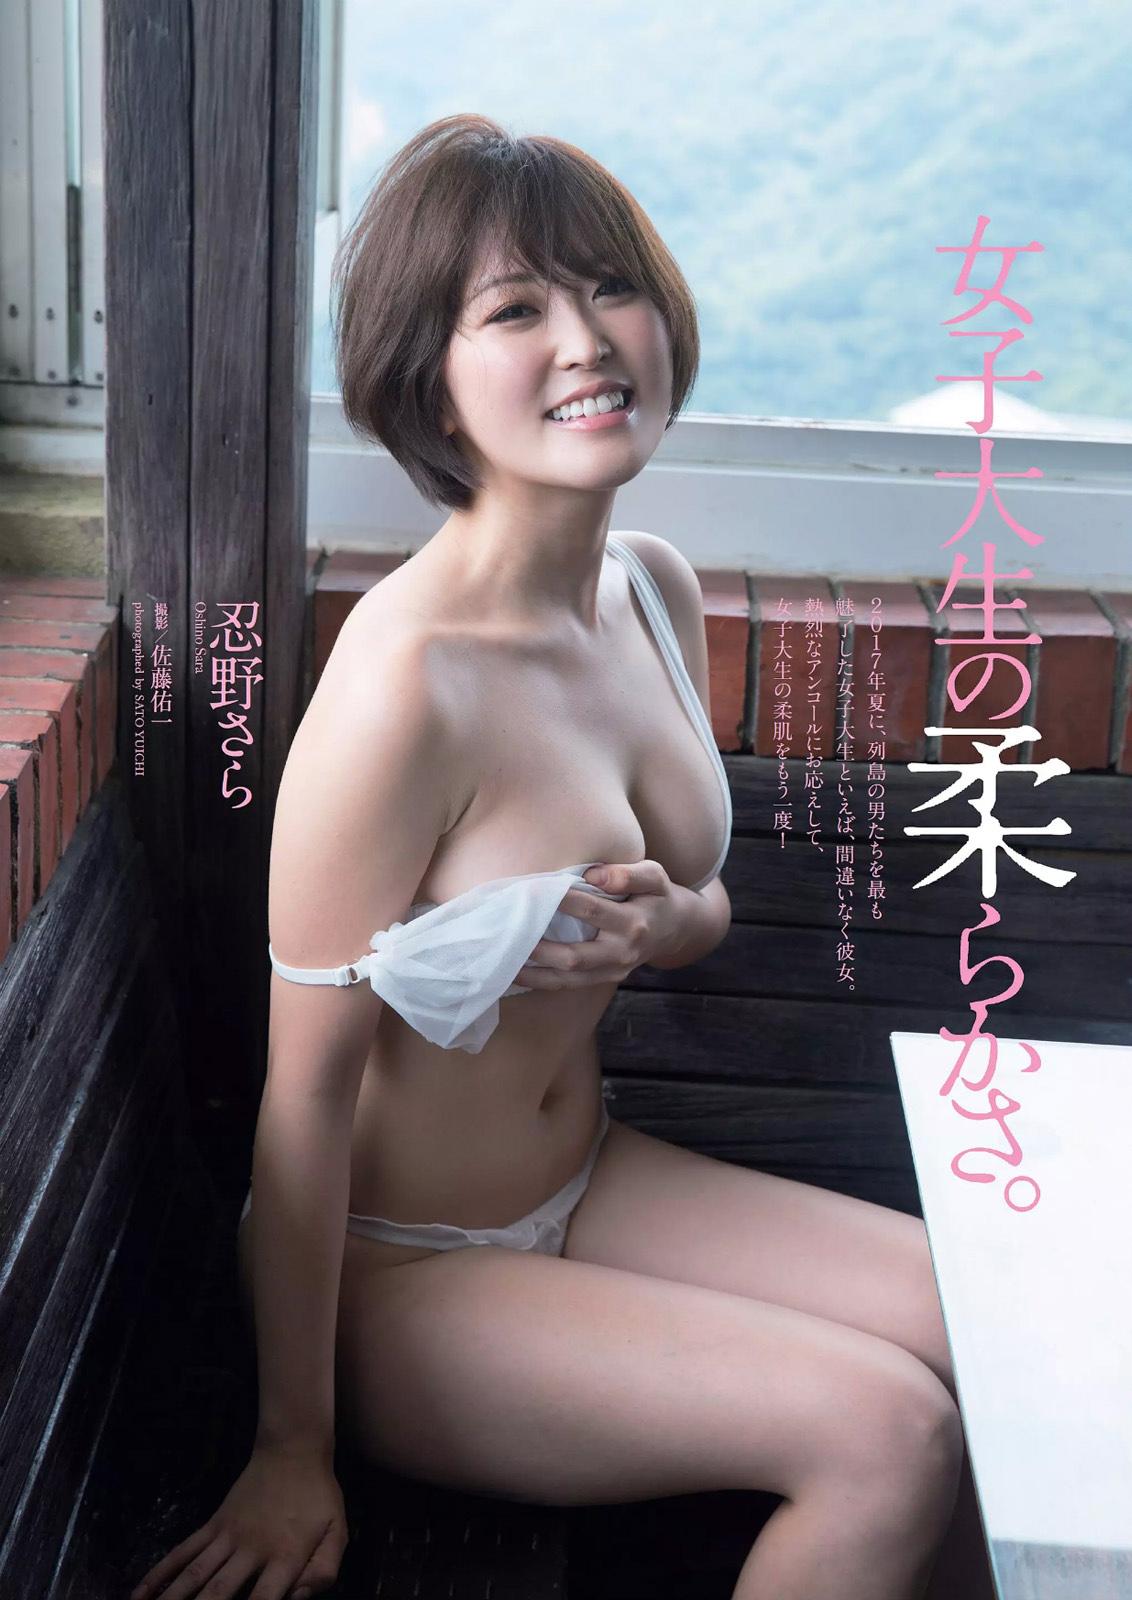 Sara Oshino 忍野さら, Weekly Playboy 2017 No.39-40 (週刊プレイボーイ 2017年39-40号)